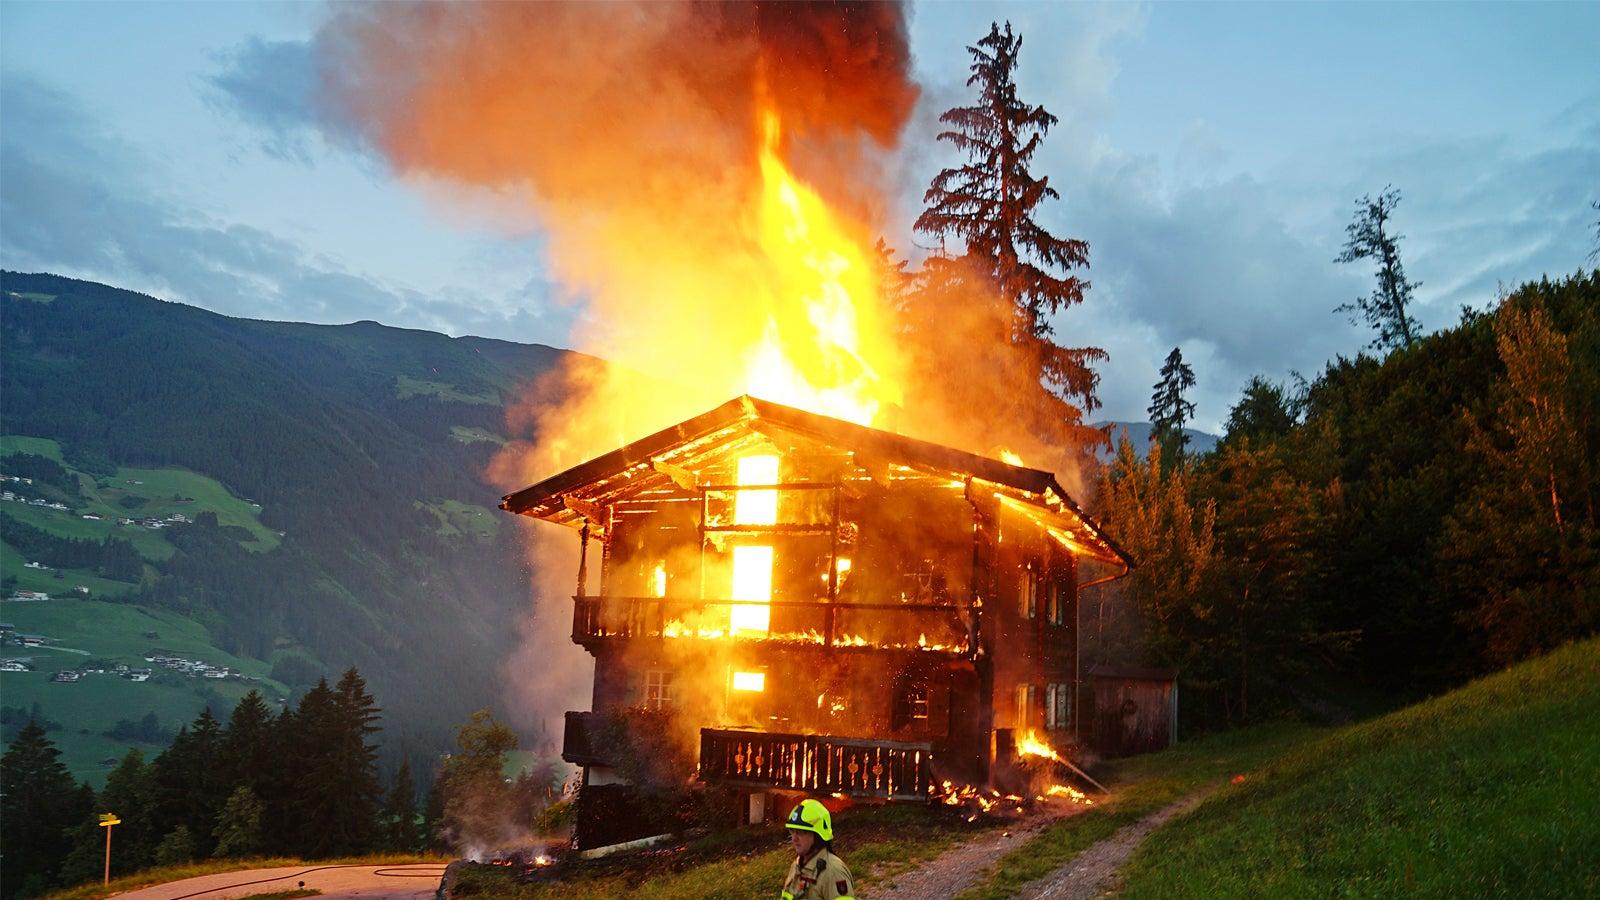 Katastrophe entkommen: Holzhaus deutscher Familie in Tirol niedergebrannt